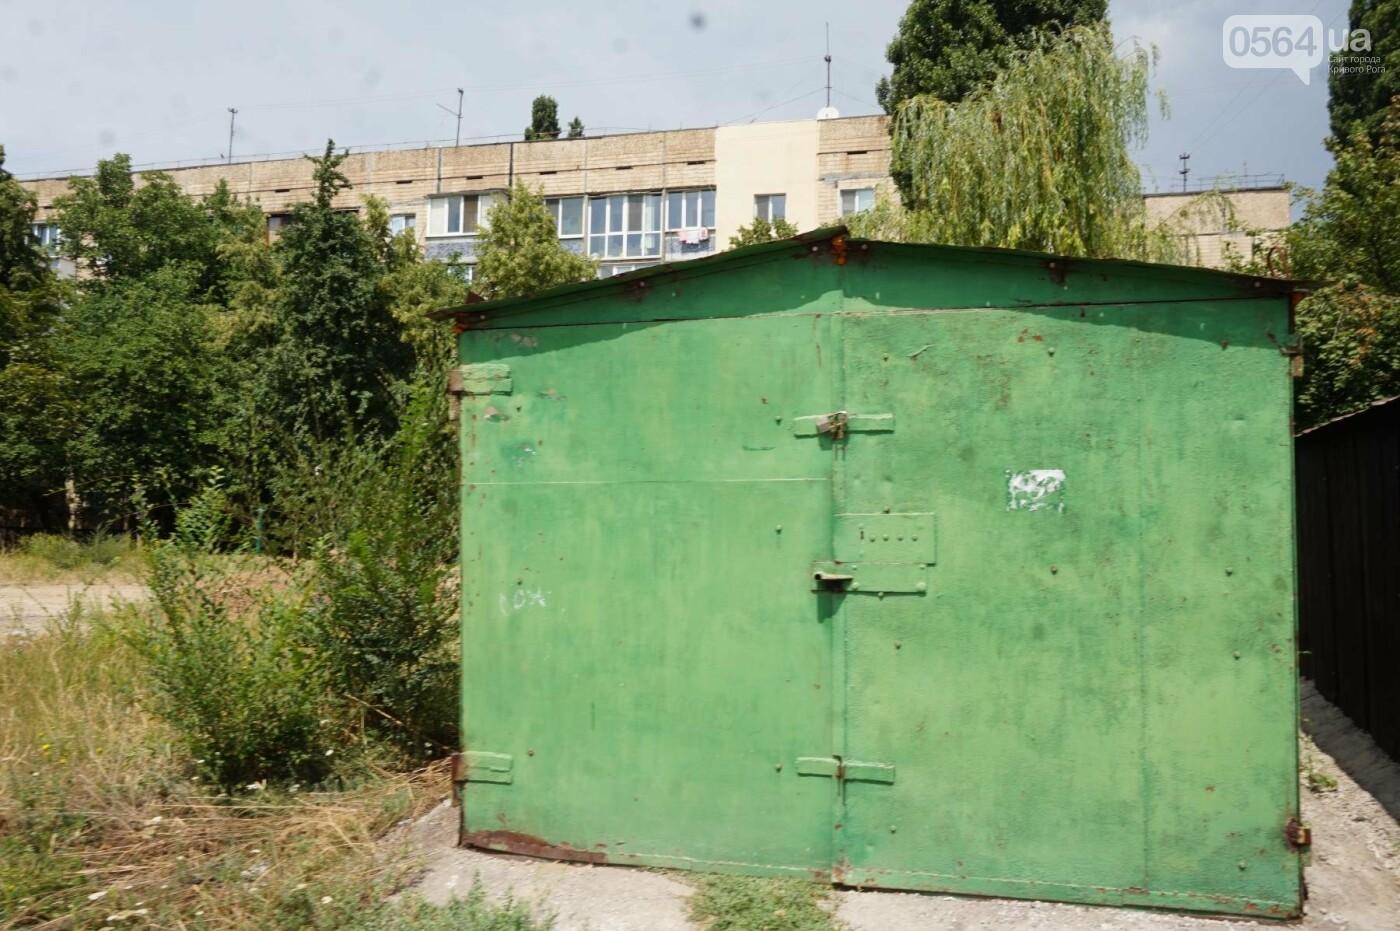 """""""Поле чудес"""": криворожане не могут добиться помощи властей, чтобы снести незаконные постройки и создать сквер, - ФОТО, фото-16"""